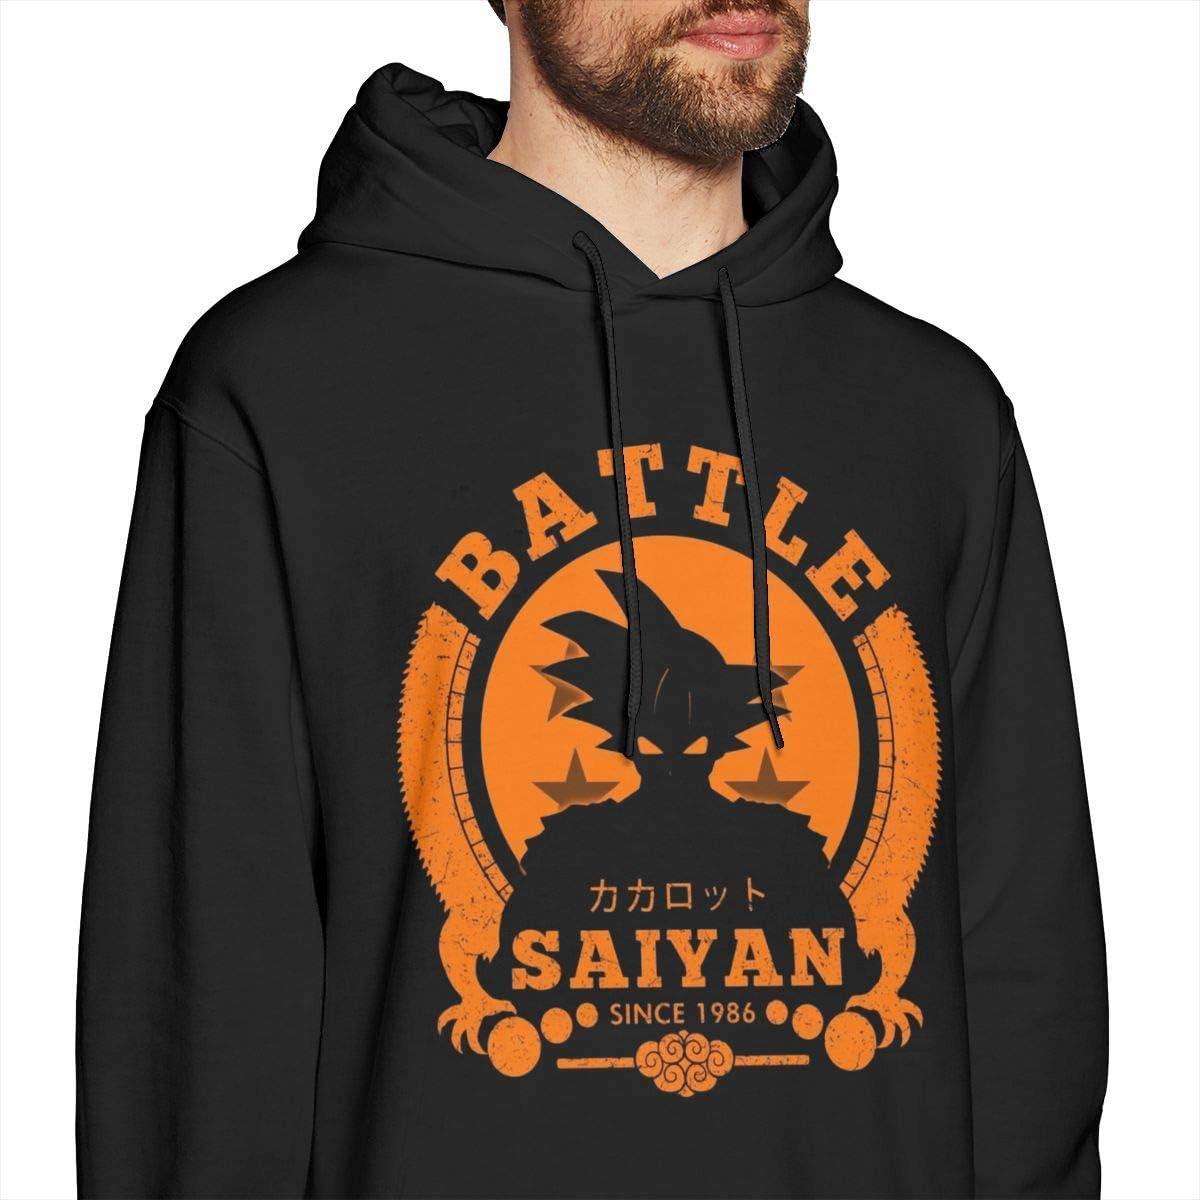 NZ Sweat-shirt à capuche avec manches longues et ras du cou Dragon Ball Z Battle Vegeta Noir Xx-large|style2